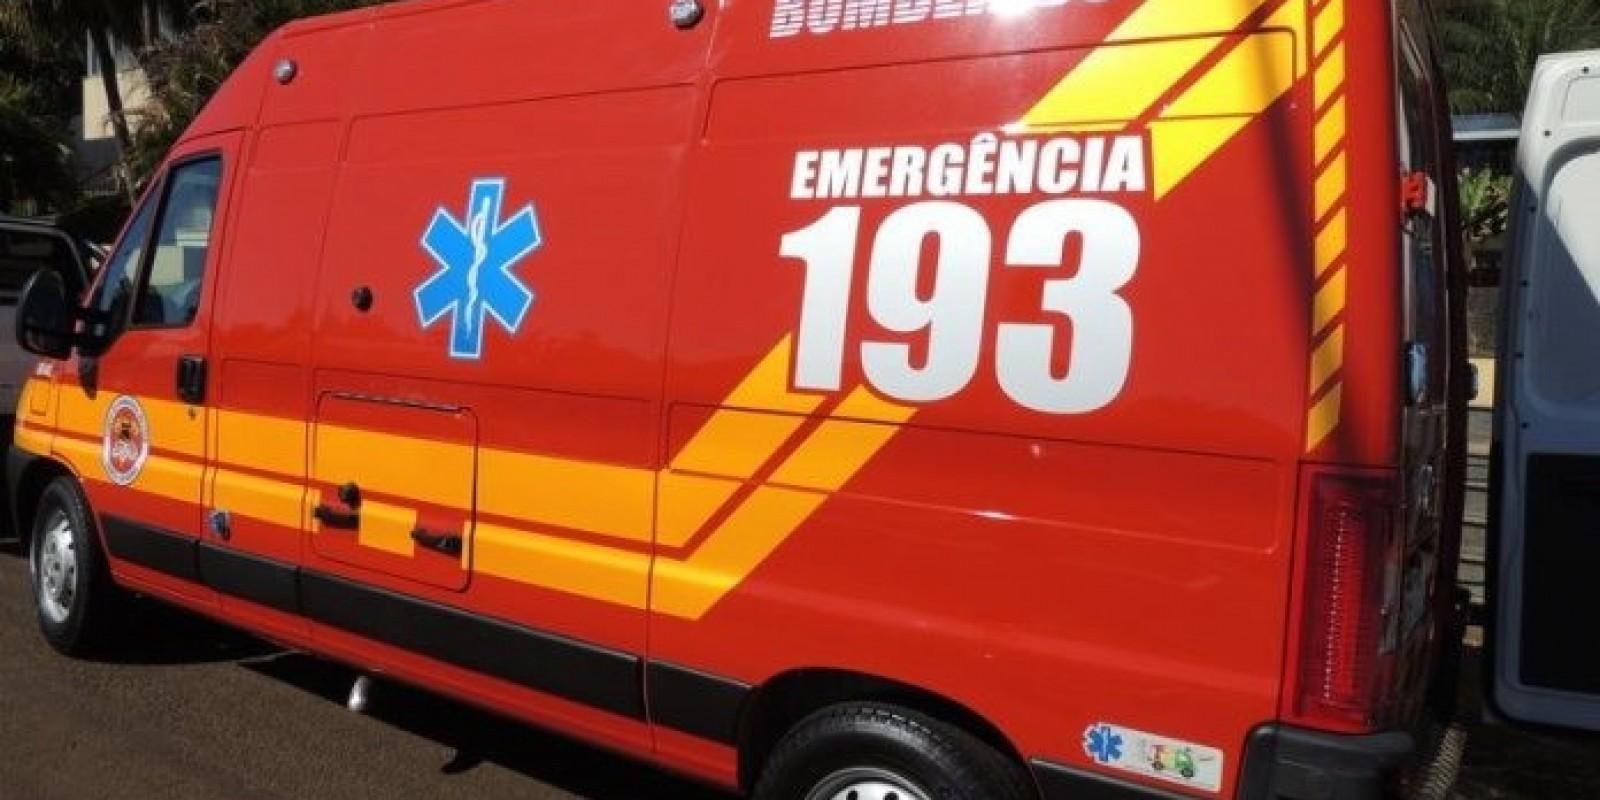 Trabalhador é encaminhado em estado grave ao hospital após levar choque em ar-condicionado